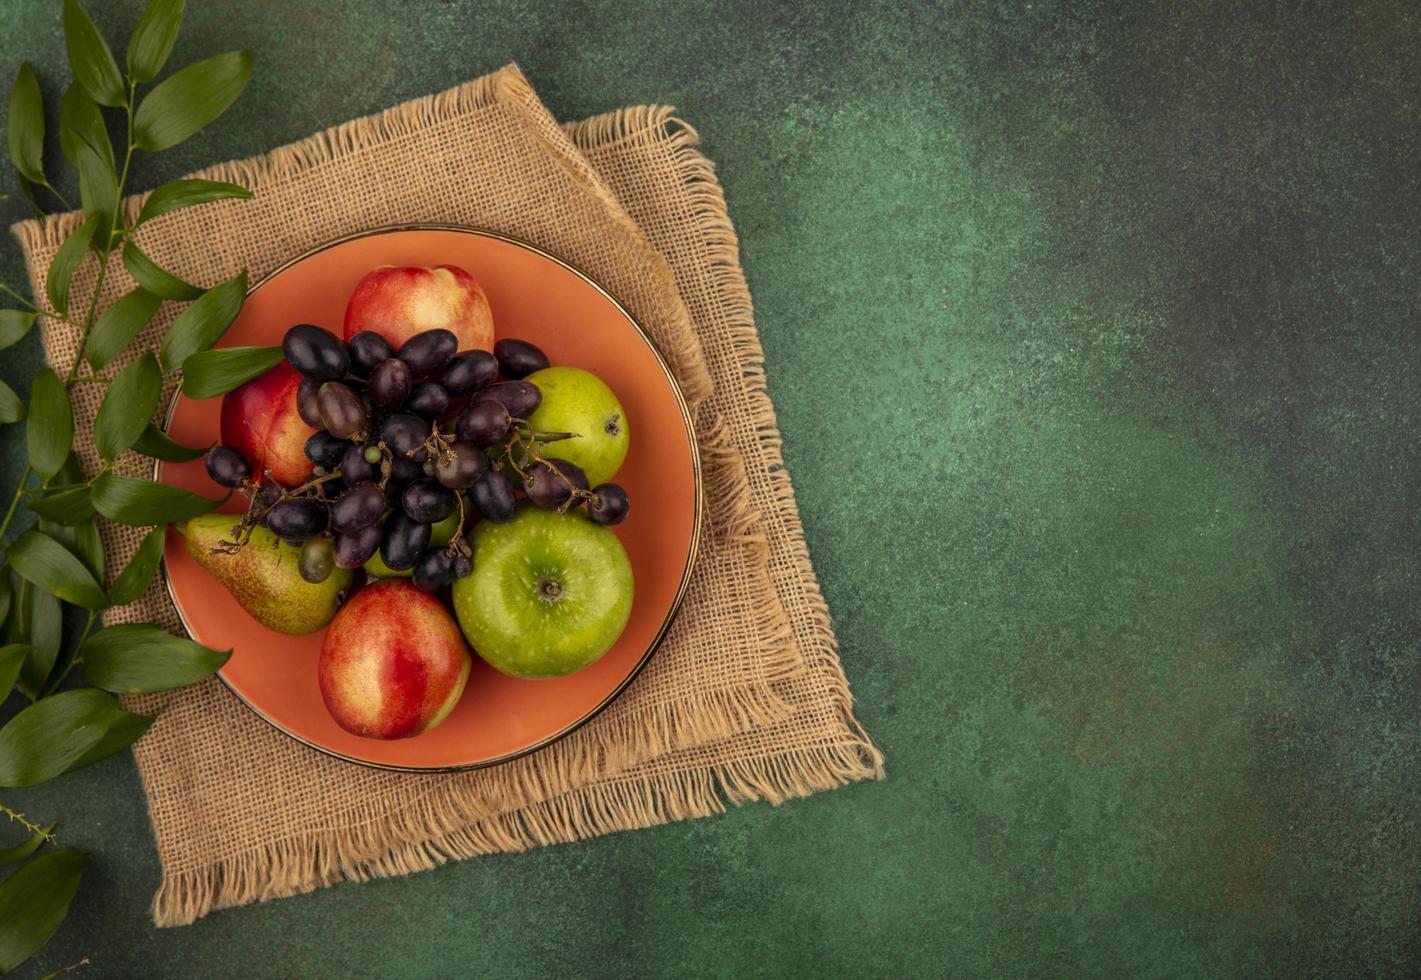 assortiment de fruits sur fond vert stylisé photo